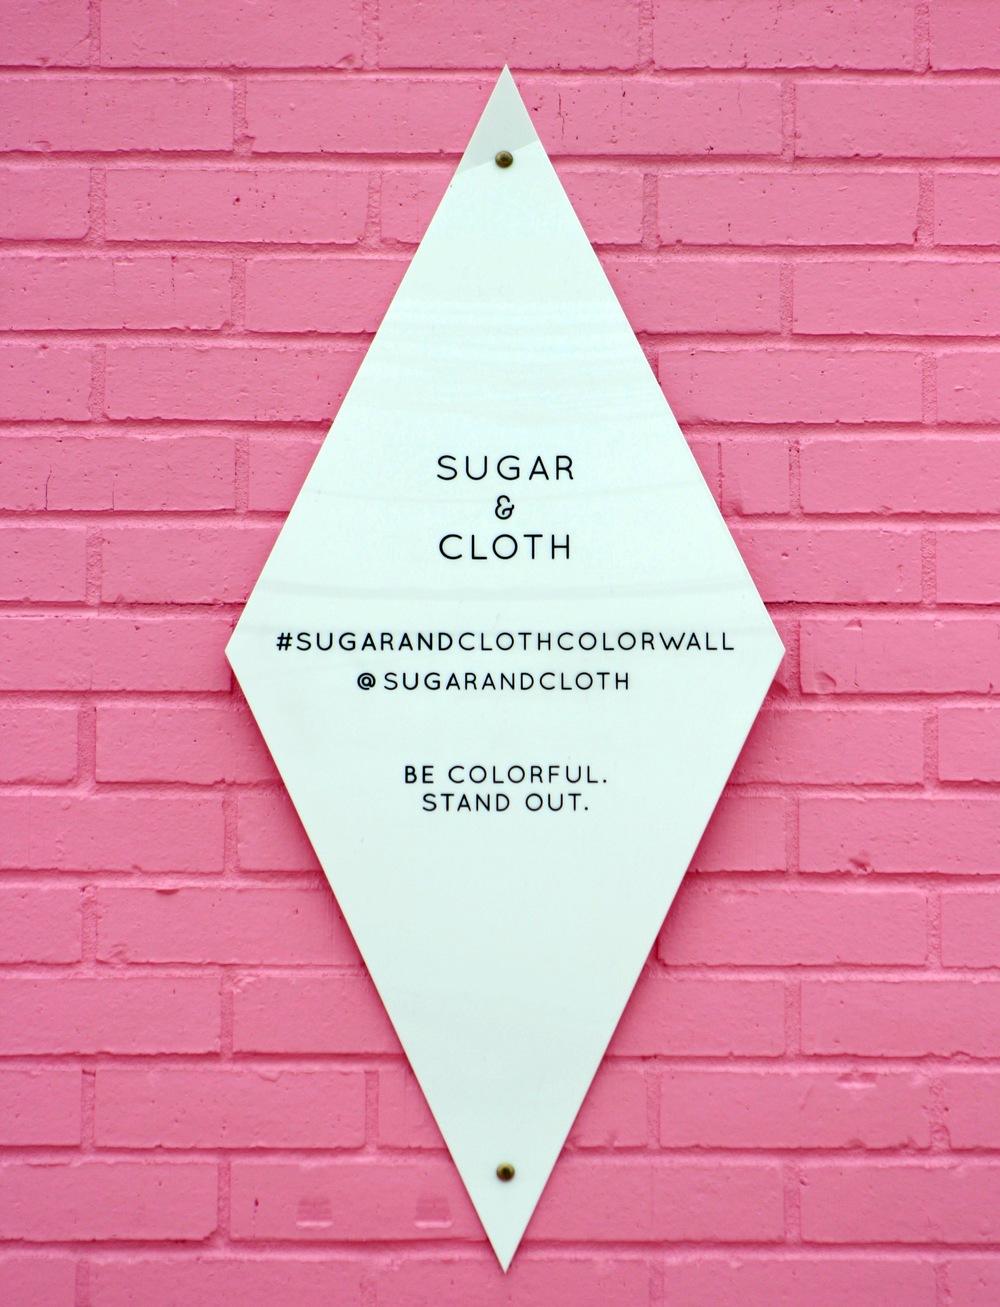 Sugar&Clothwall - Yomarianablog